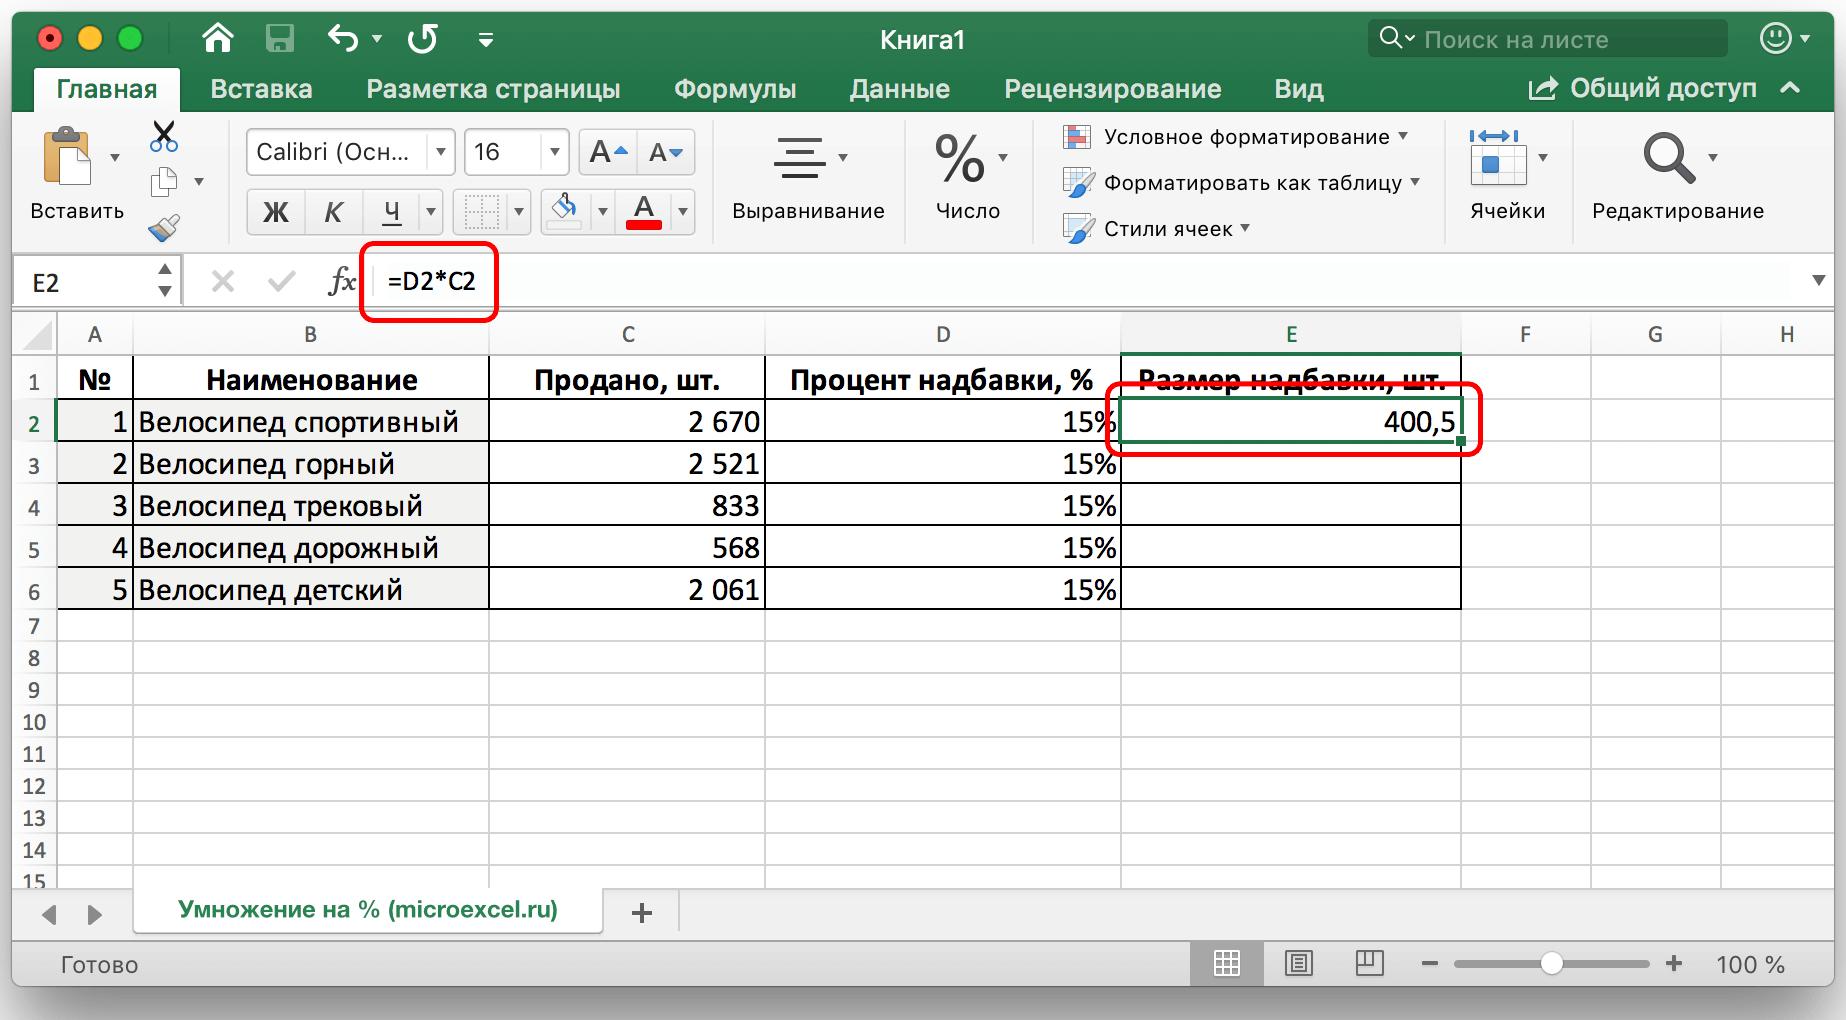 Înlocuirea unei formule cu rezultatul său